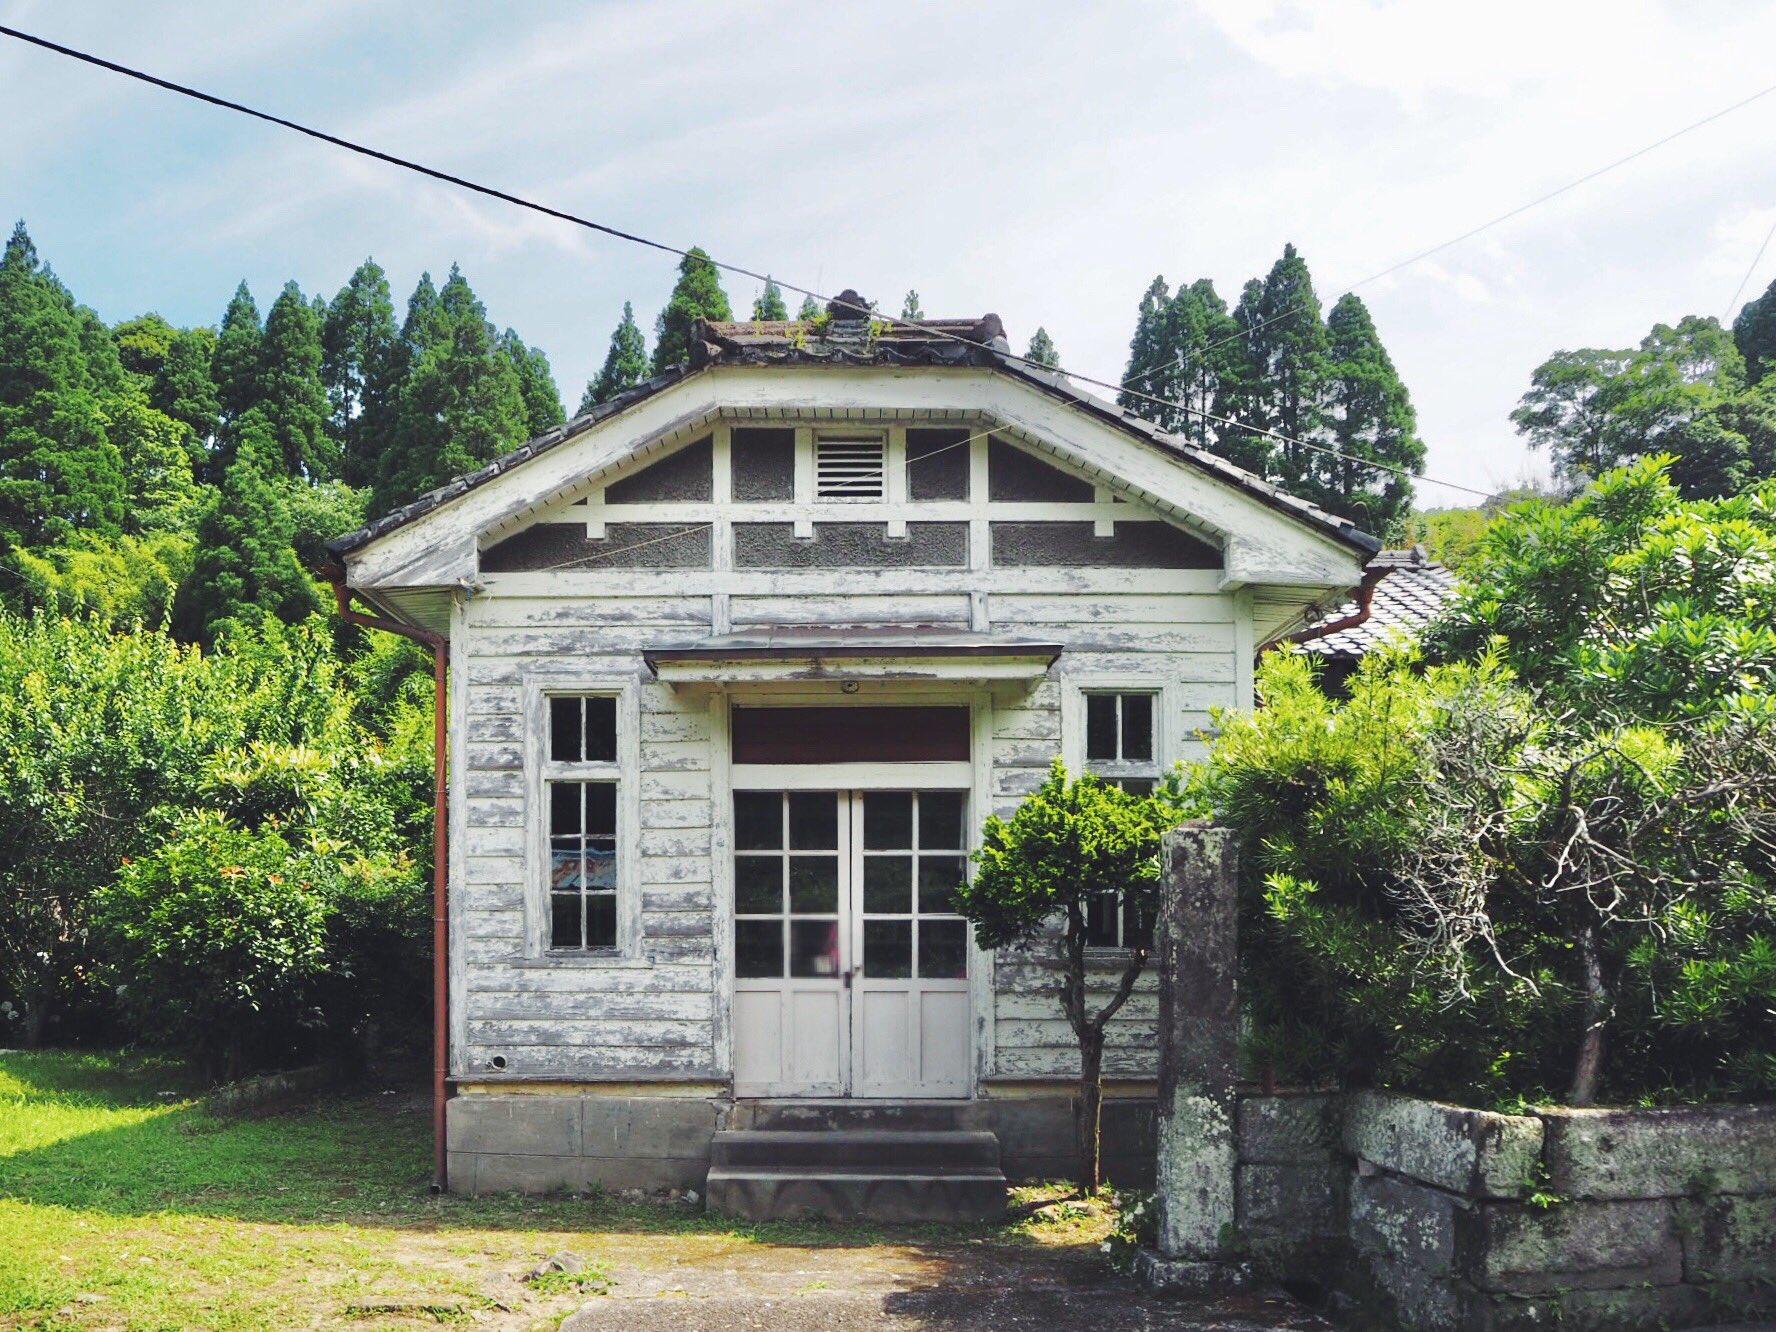 「エモい物件」鹿児島県枕崎市、旧郵便局跡地いかがですか?